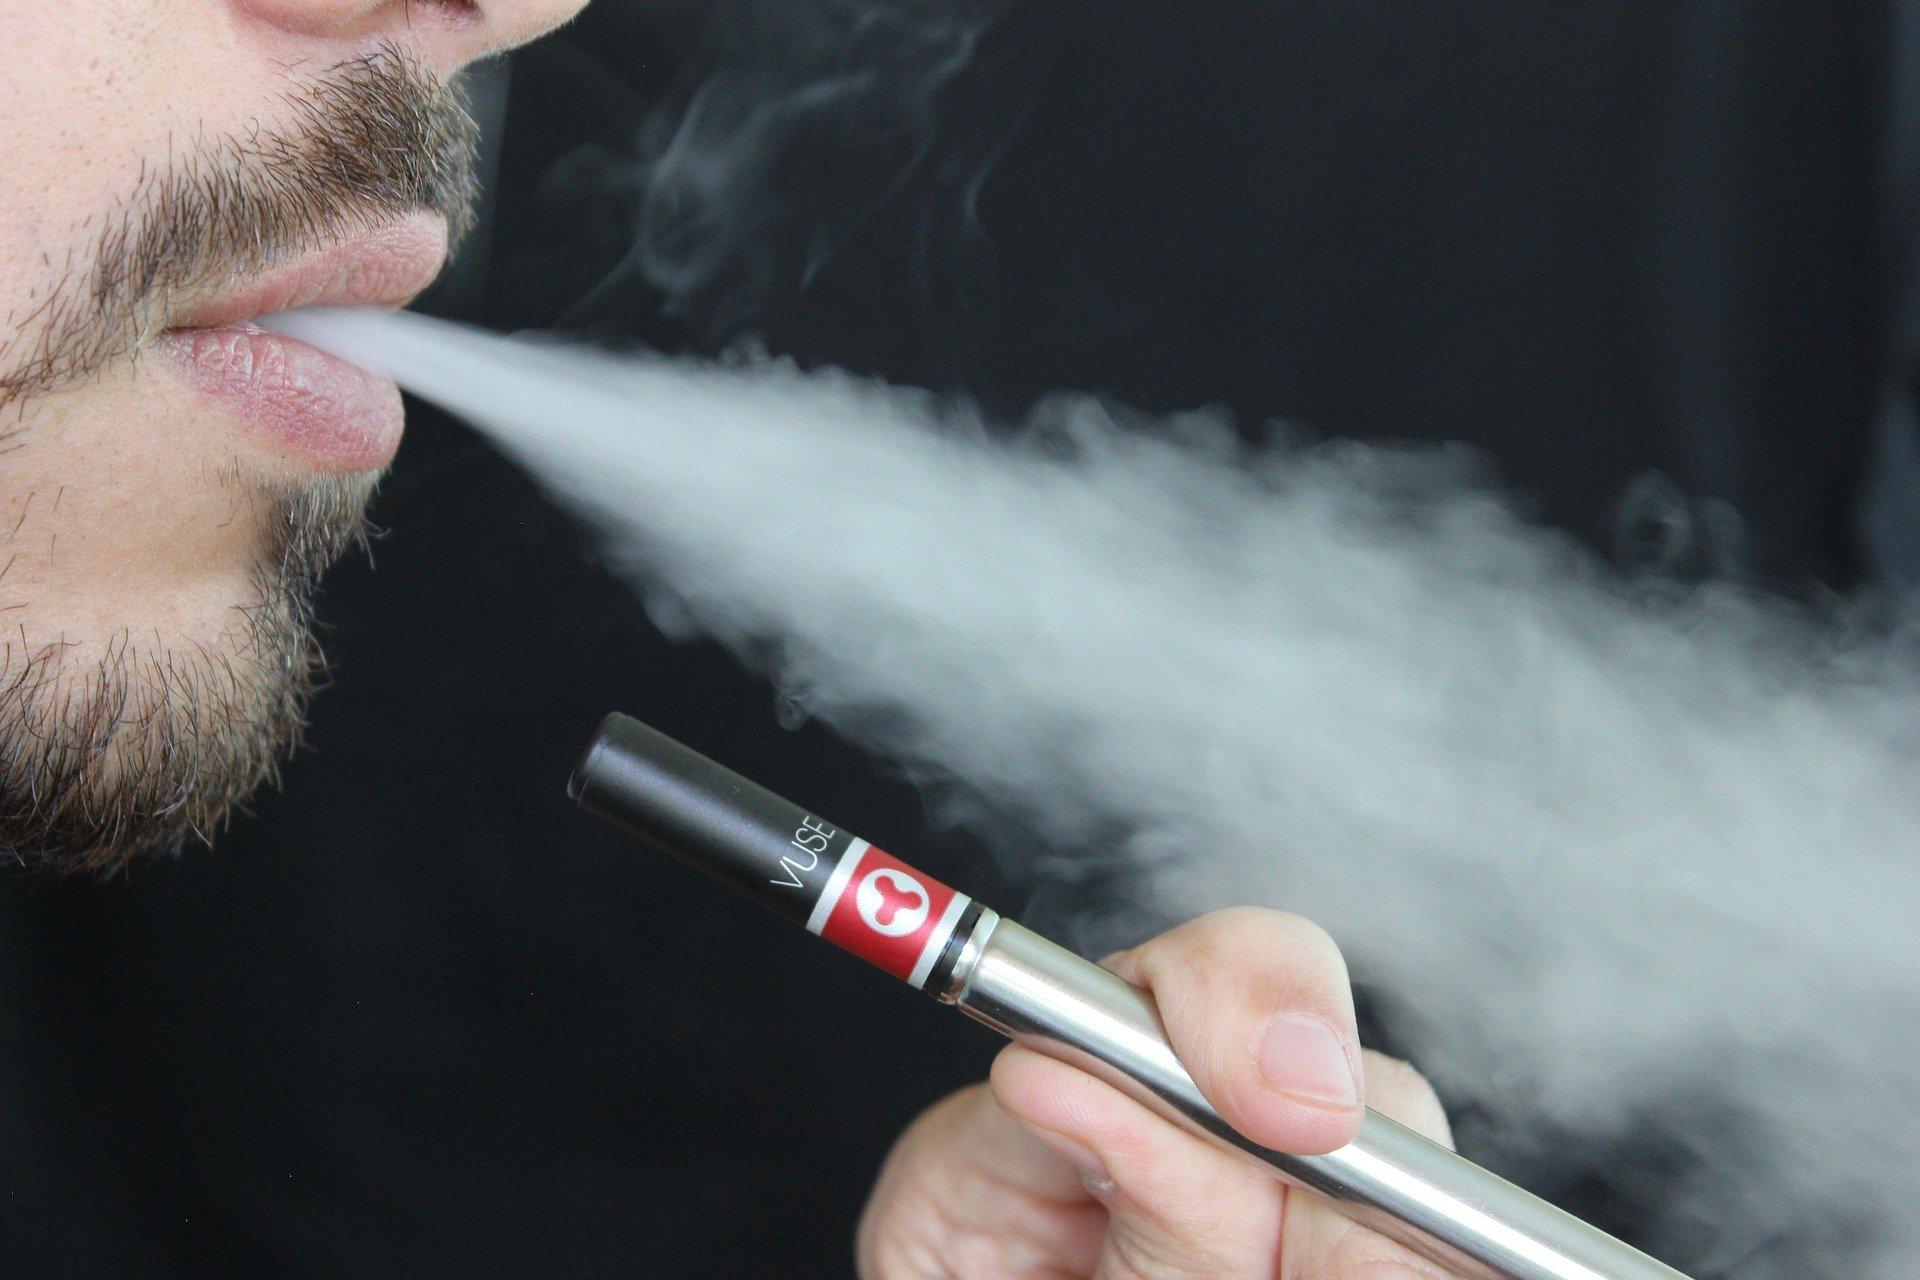 Les ventes d'e-cigarette et d'e-liquide connaissent une constante augmentation